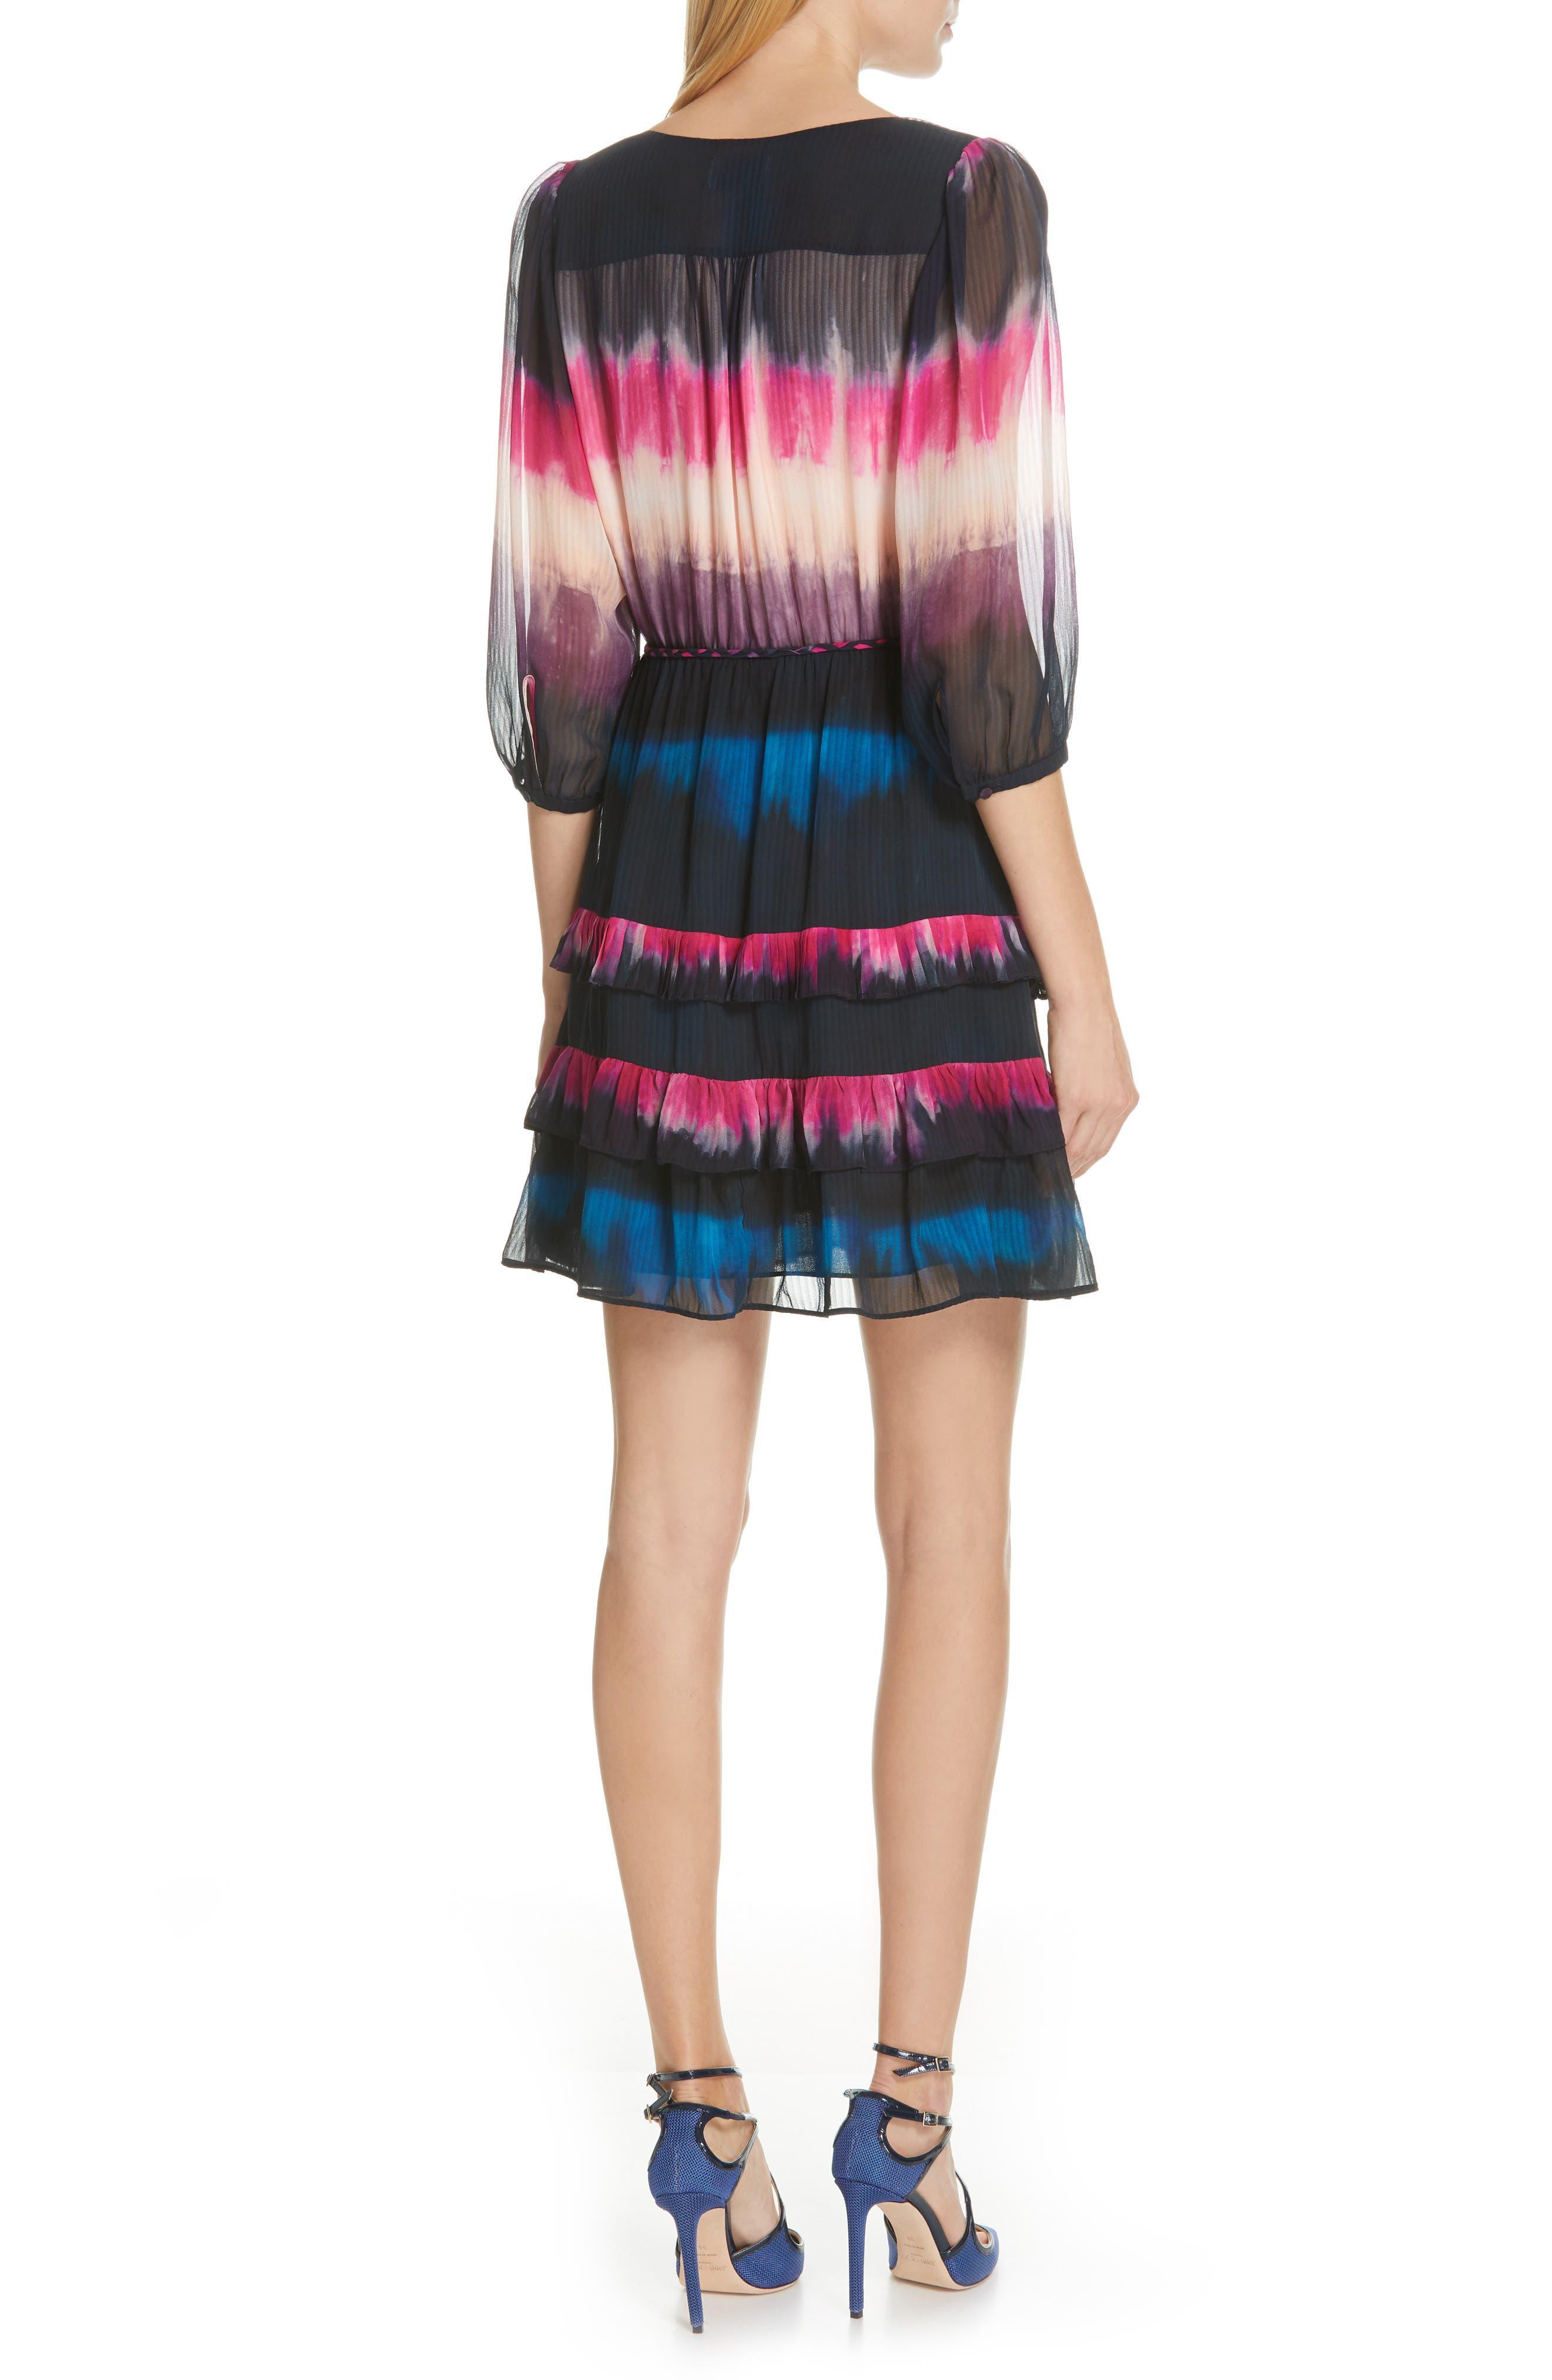 TANYA TAYLOR, Valeria Tie Dye Silk Faux Wrap Dress, Alternate thumbnail 2, color, TIE DYE STRIPE